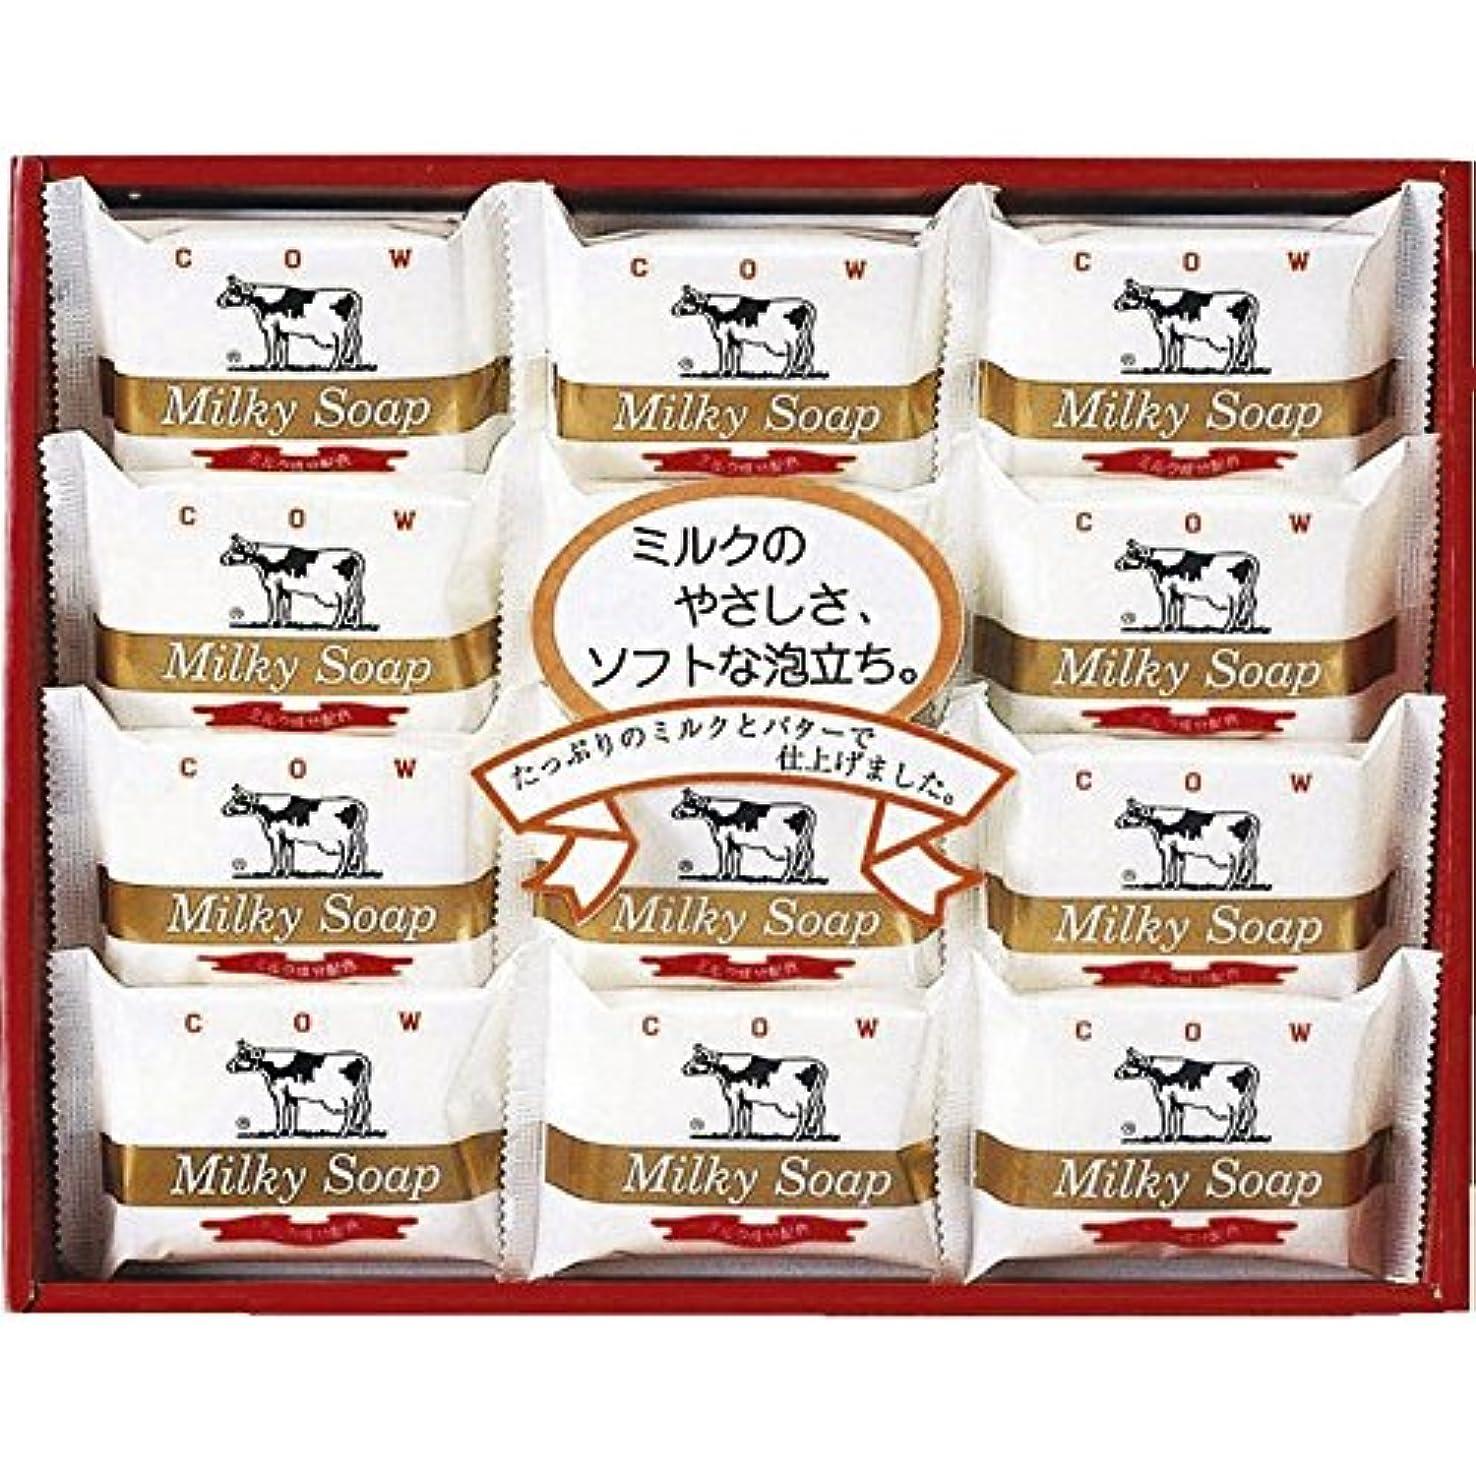 マウントバンクスペイン助言牛乳石鹸 ゴールドソープセット 【固形 ギフト せっけん あわ いい香り いい匂い うるおい プレゼント お風呂 かおり からだ きれい つめあわせ かうぶらんど 1500】